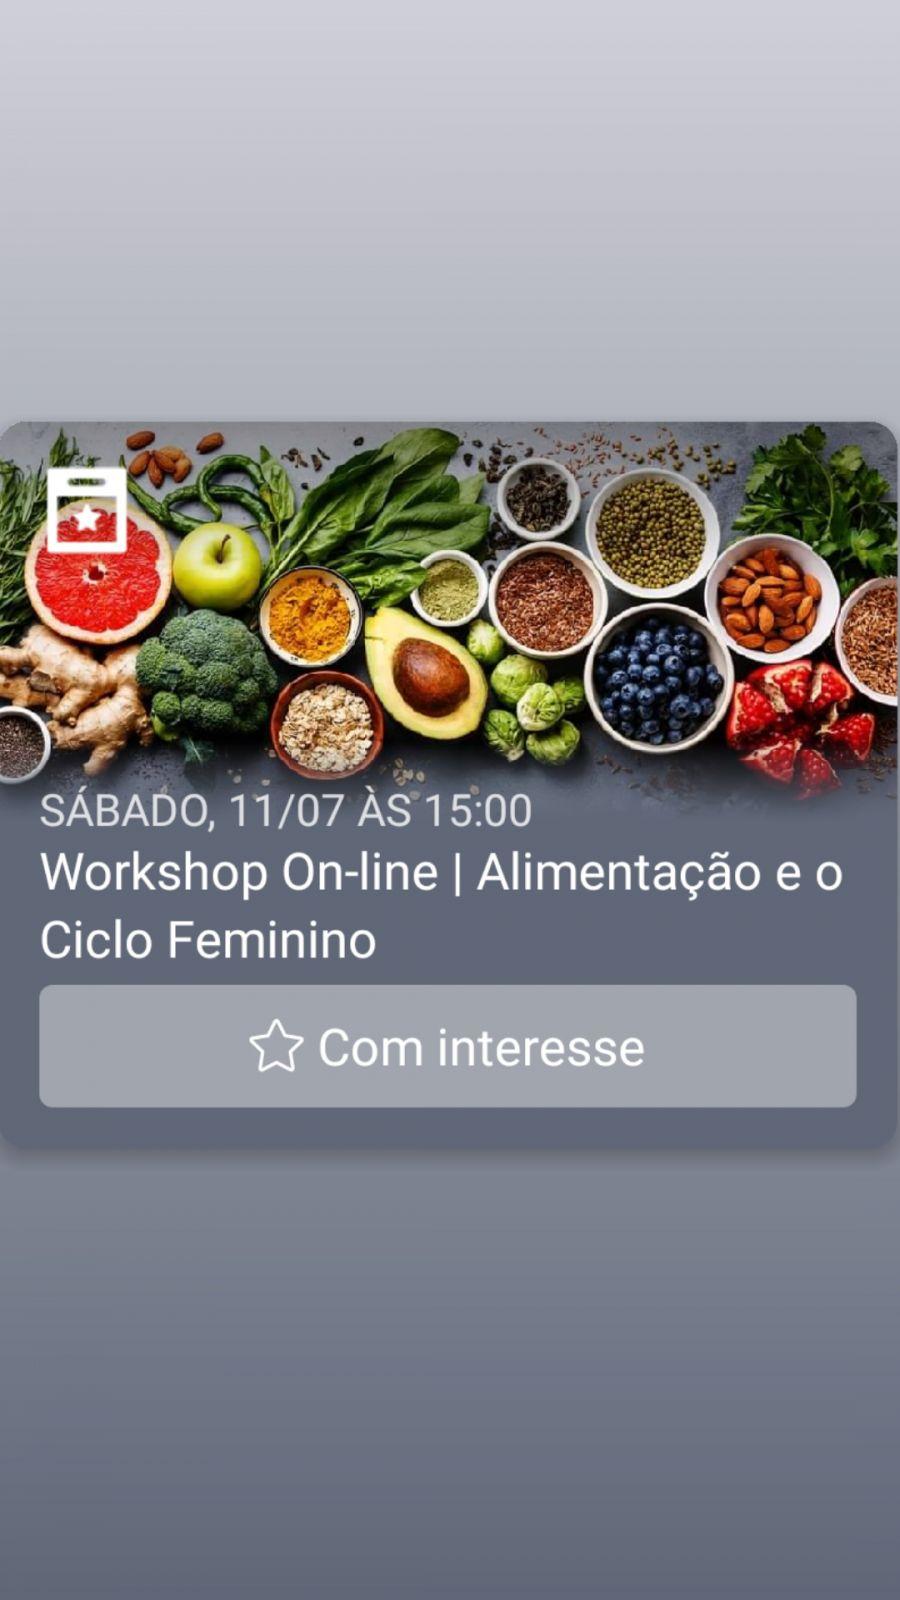 Workshop On-line | Alimentação e o Ciclo Feminino